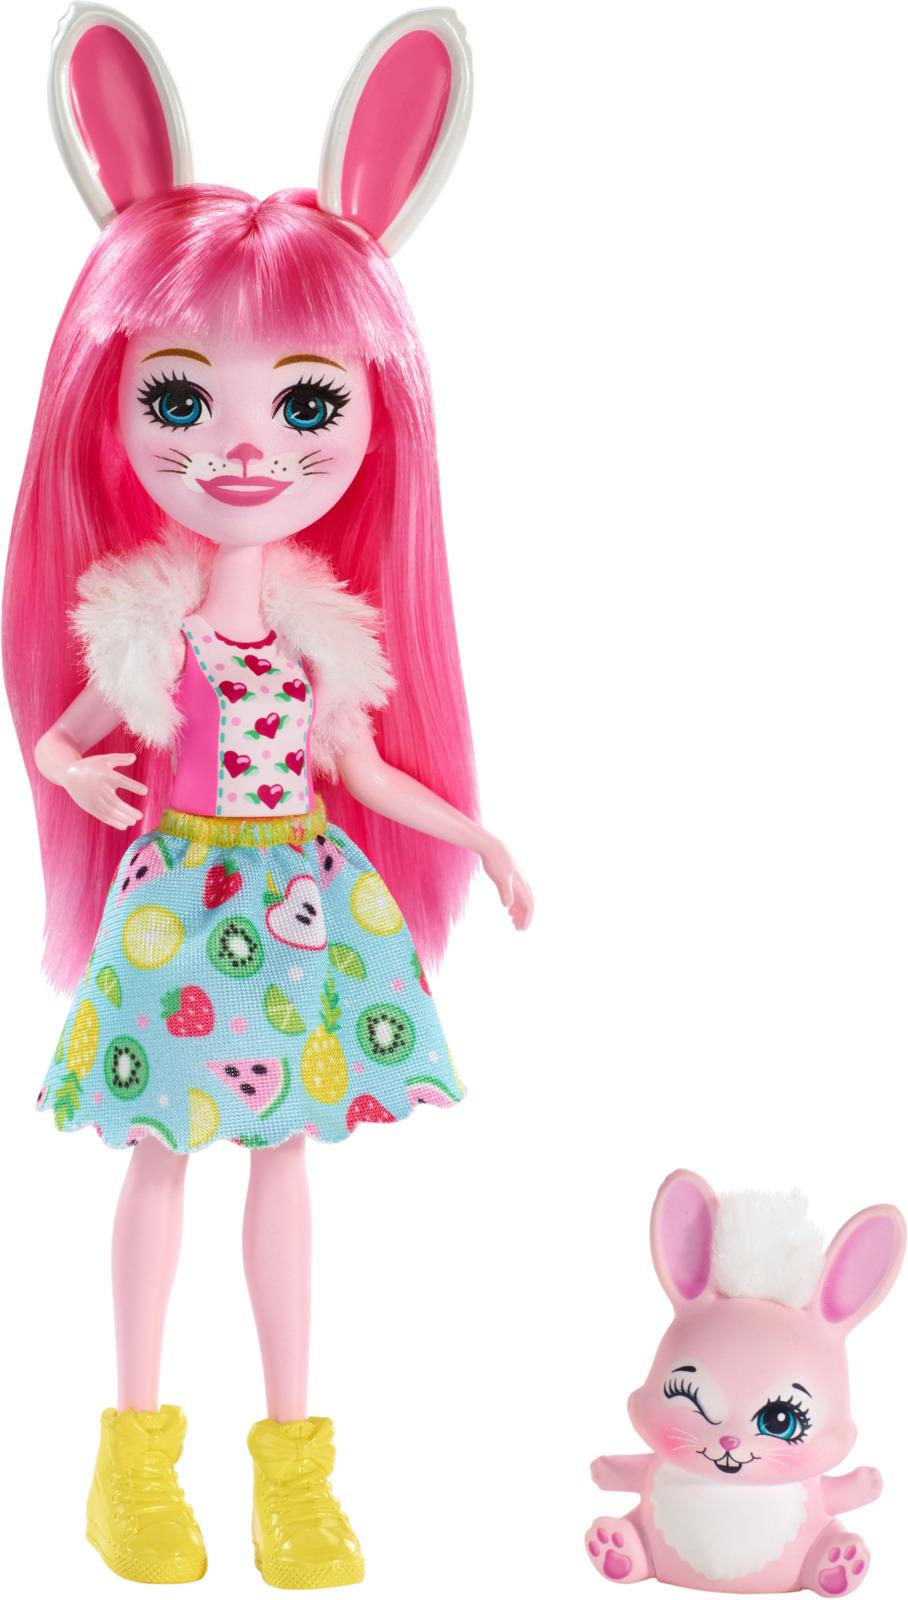 Игровой набор с куклой Enchantimals Bree Bunny, DVH87_FXM73, розовый, 15 см кукла enchantimals с любимой зверюшкой dvh87 бри кроля